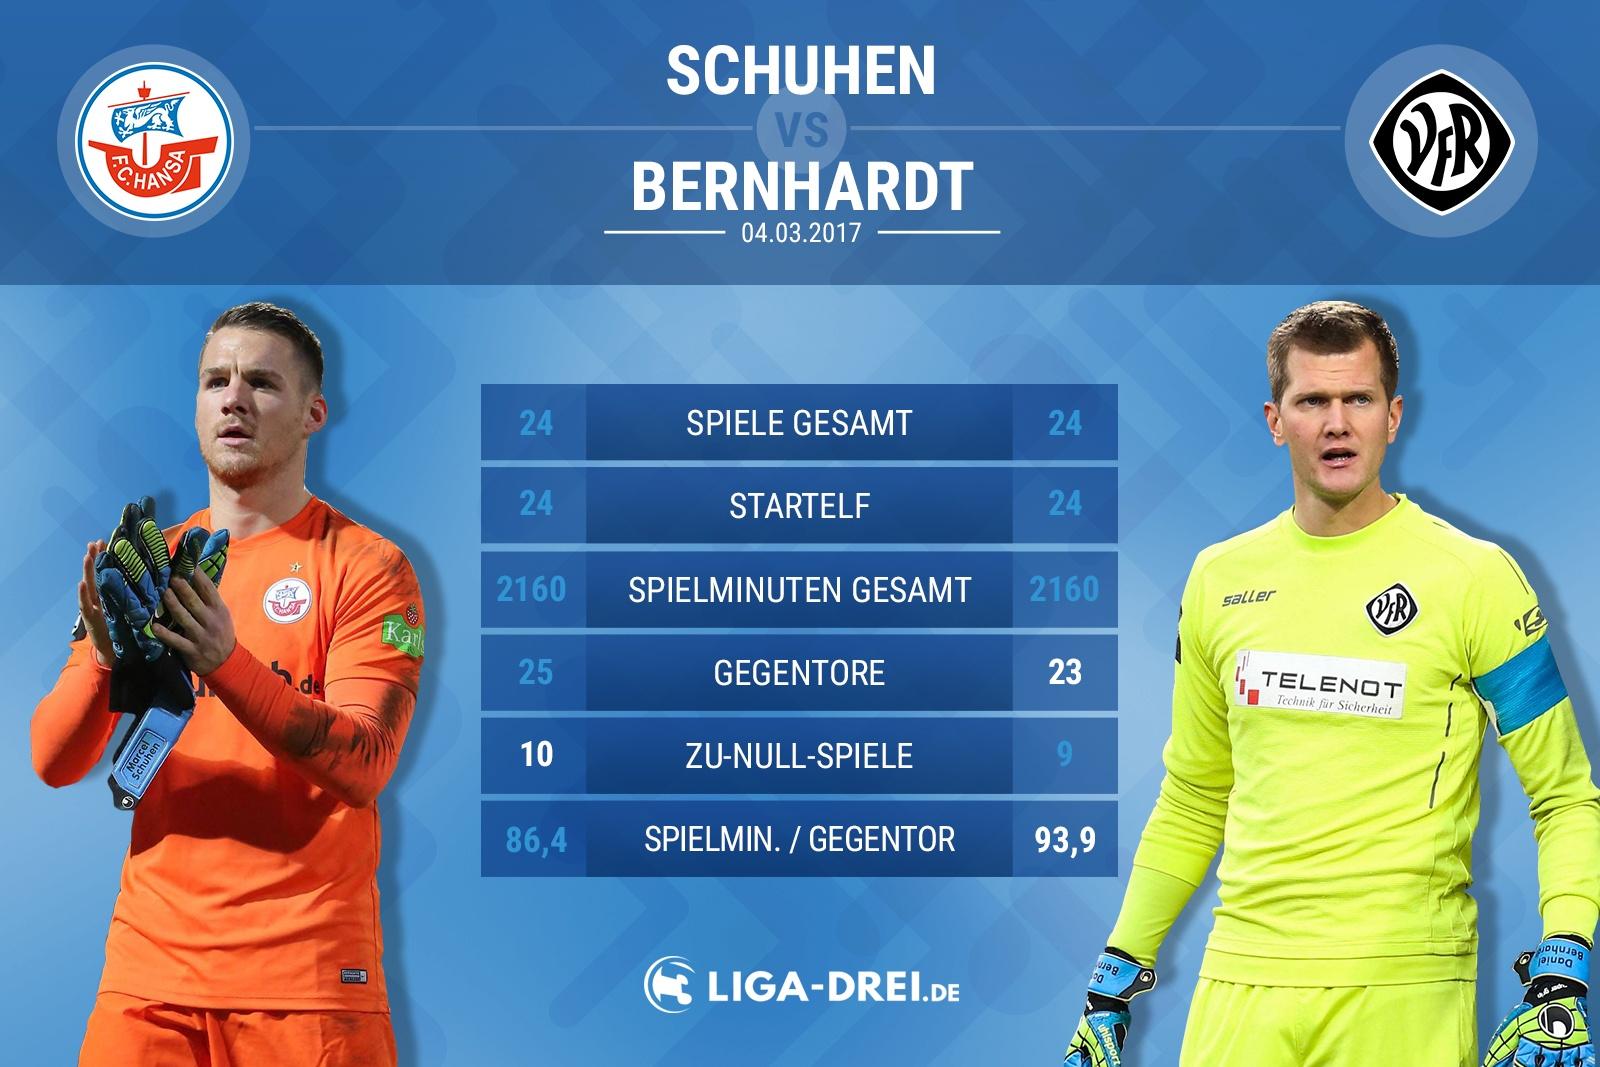 Torhütervergleich von Schuhen & Bernhardt